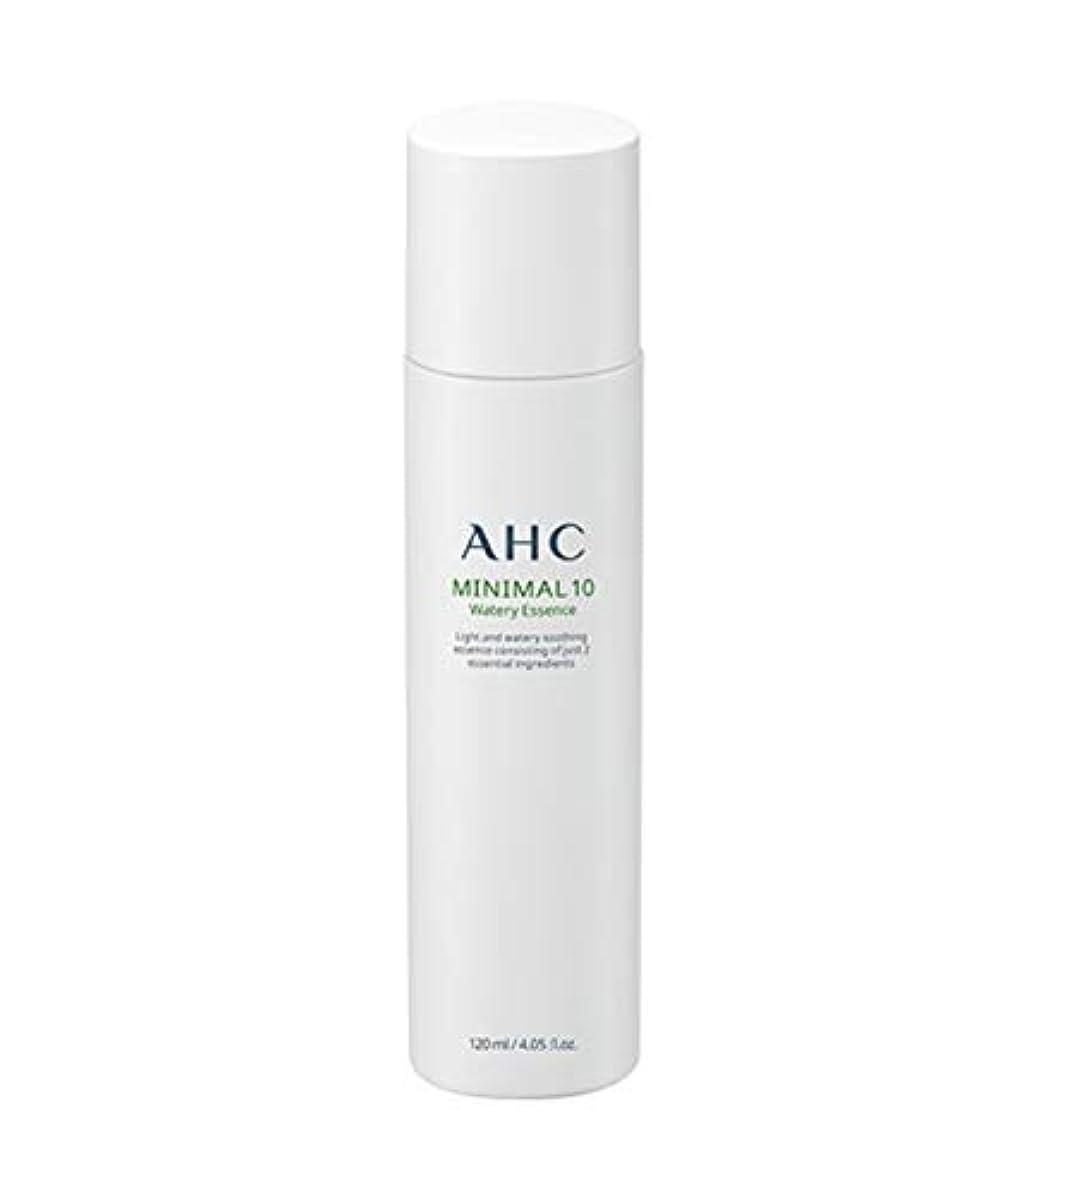 現実的できる頑丈AHC ミニマル10ウォーターリーエッセンス 120ml / AHC MINIMAL 10 WATERY ESSENCE 120ml [並行輸入品]